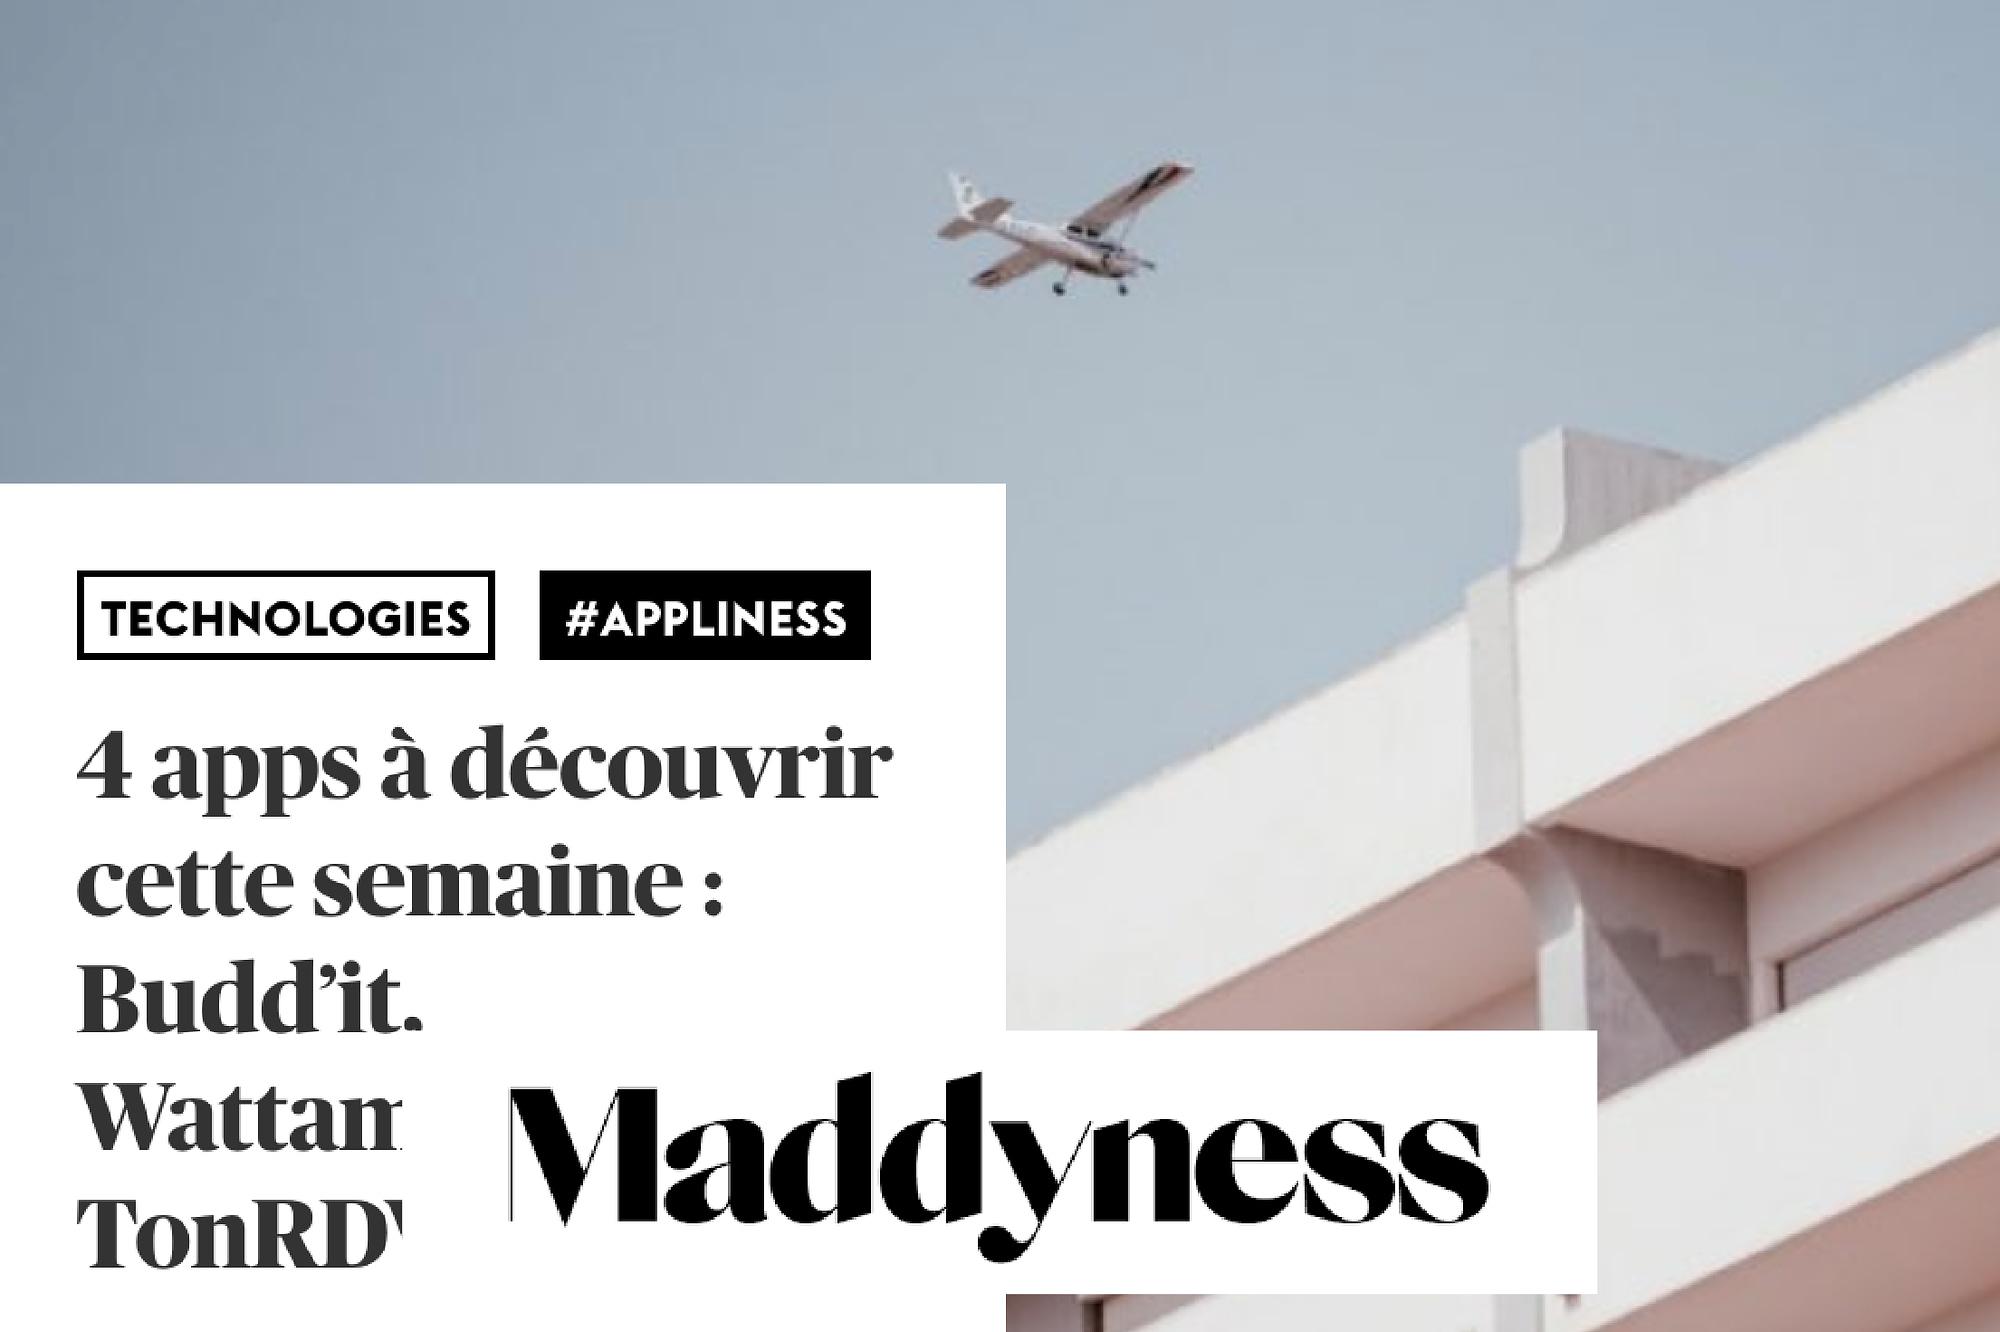 Immeuble avec avion qui passe au dessus